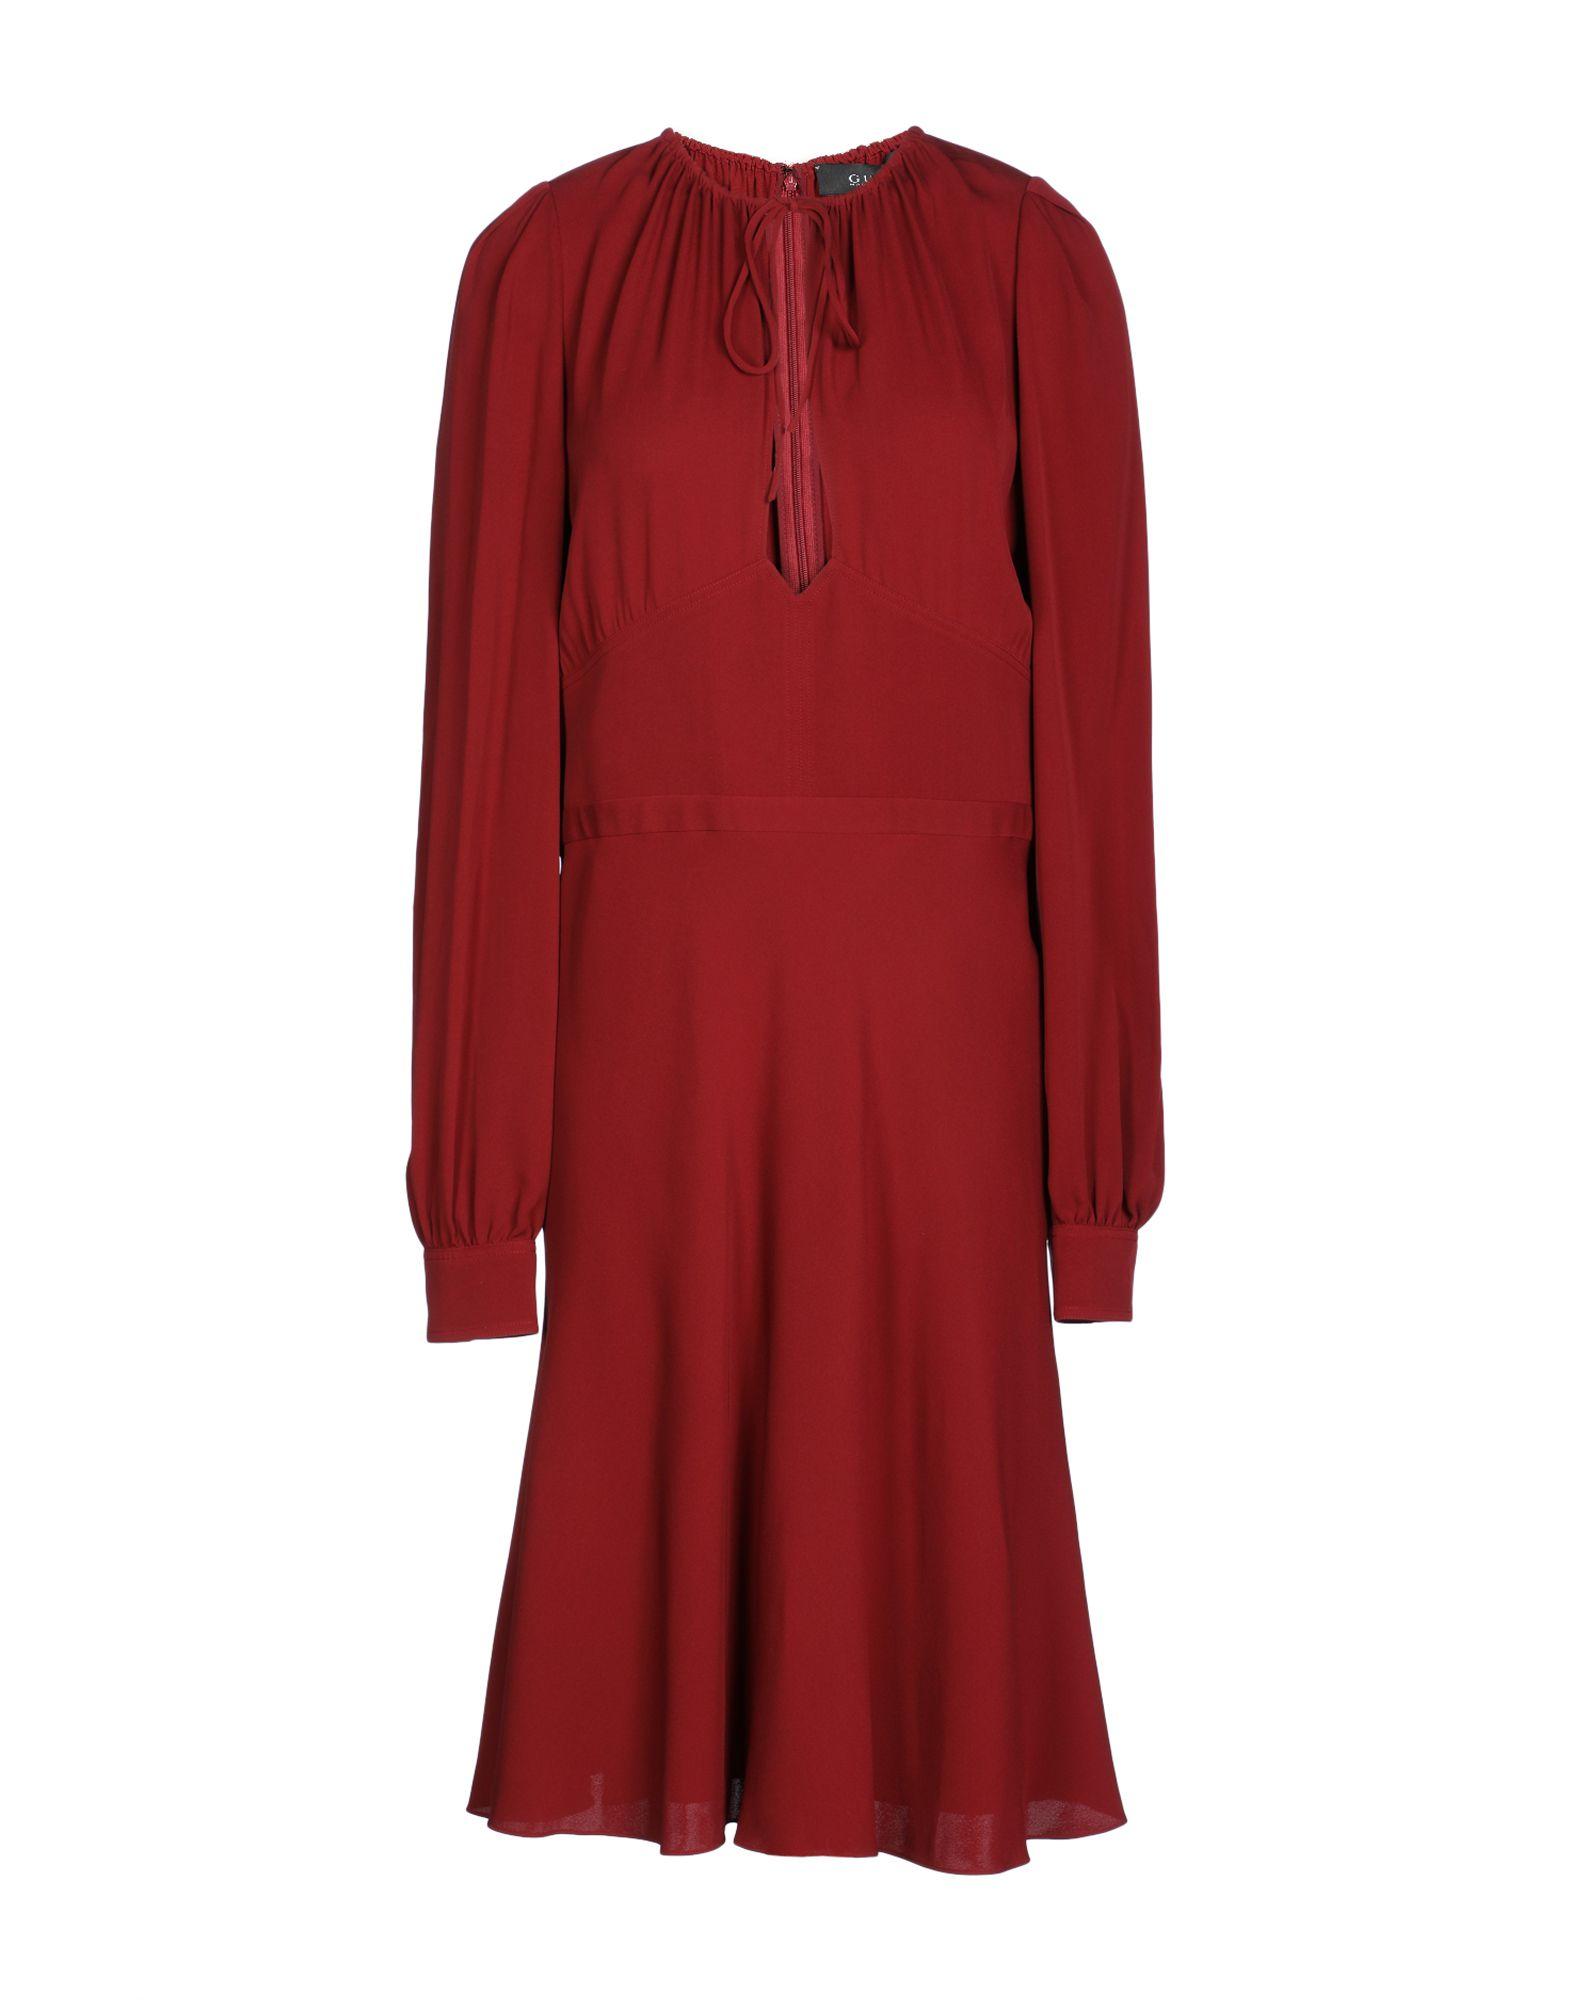 GUCCI Damen Knielanges Kleid Farbe Ziegelrot Größe 7